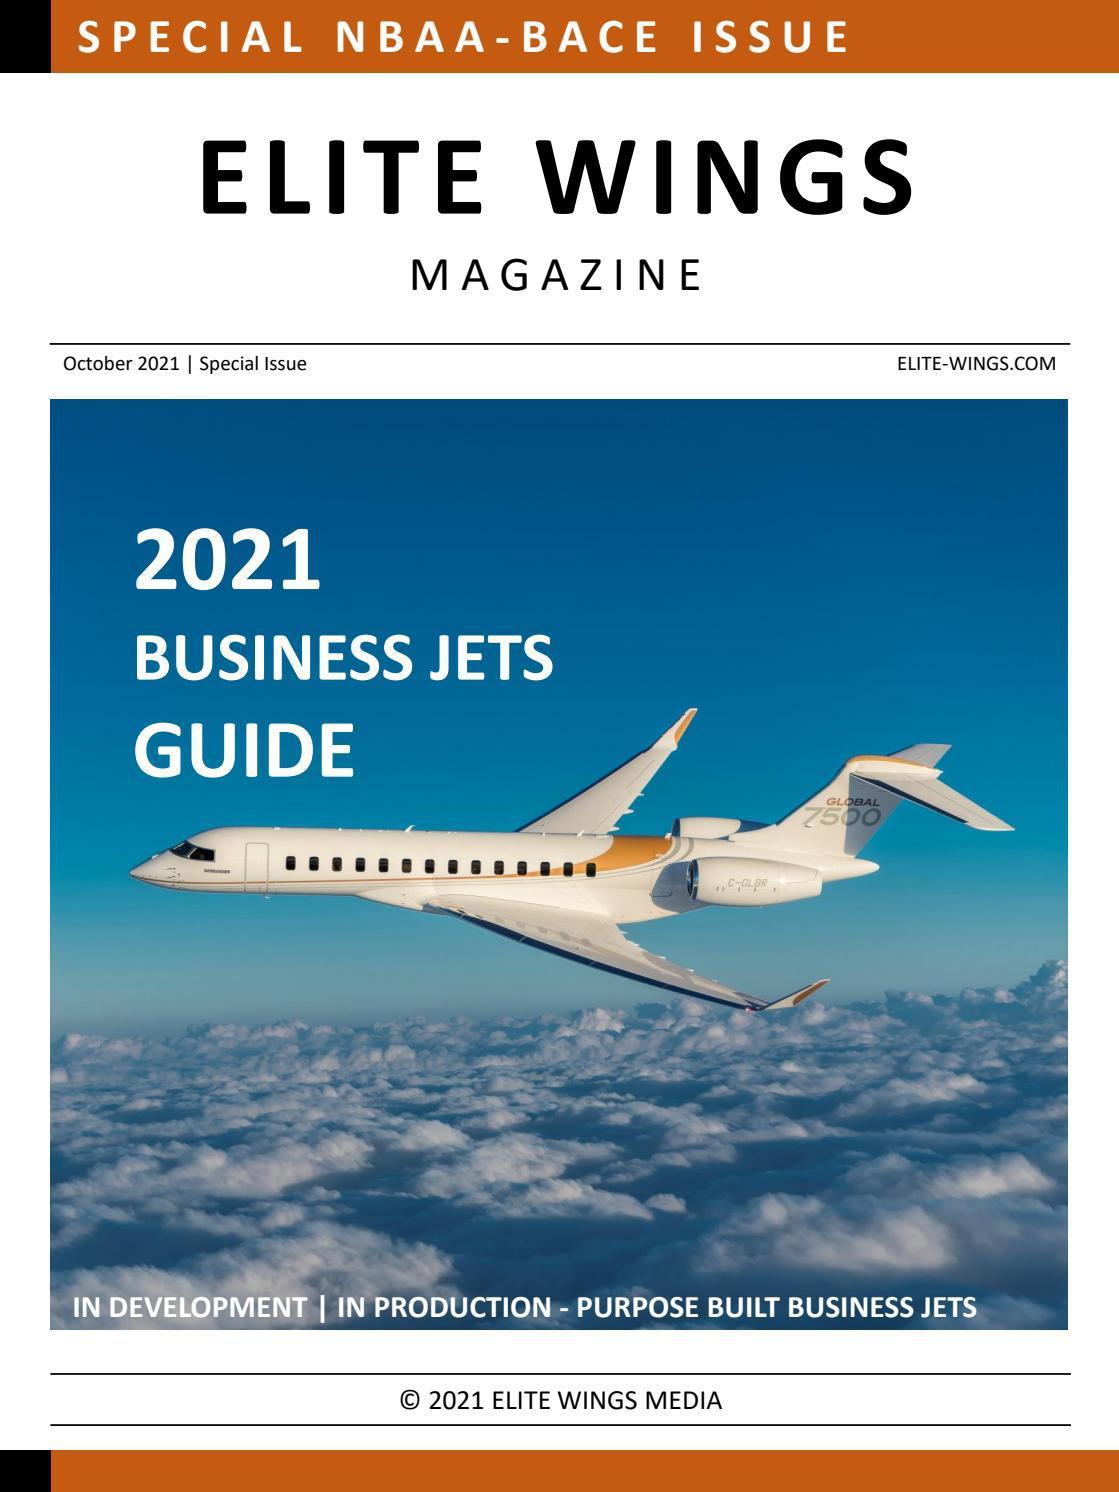 Elite wings magazine 2021